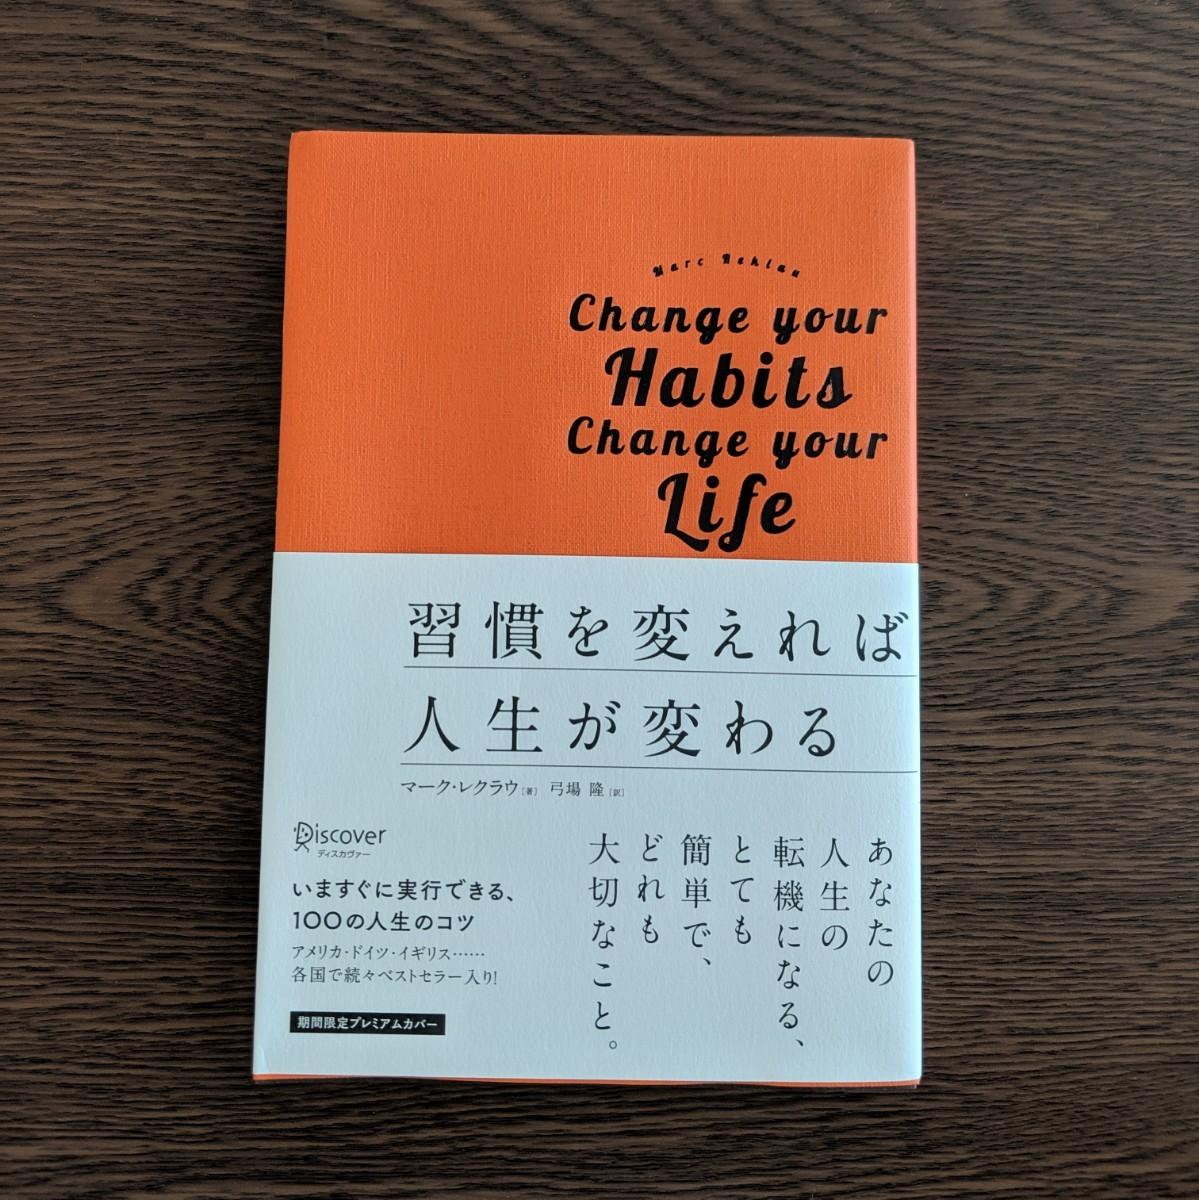 自己啓発本まとめ売り チェンジの法則&習慣を変えれば人生が変わる